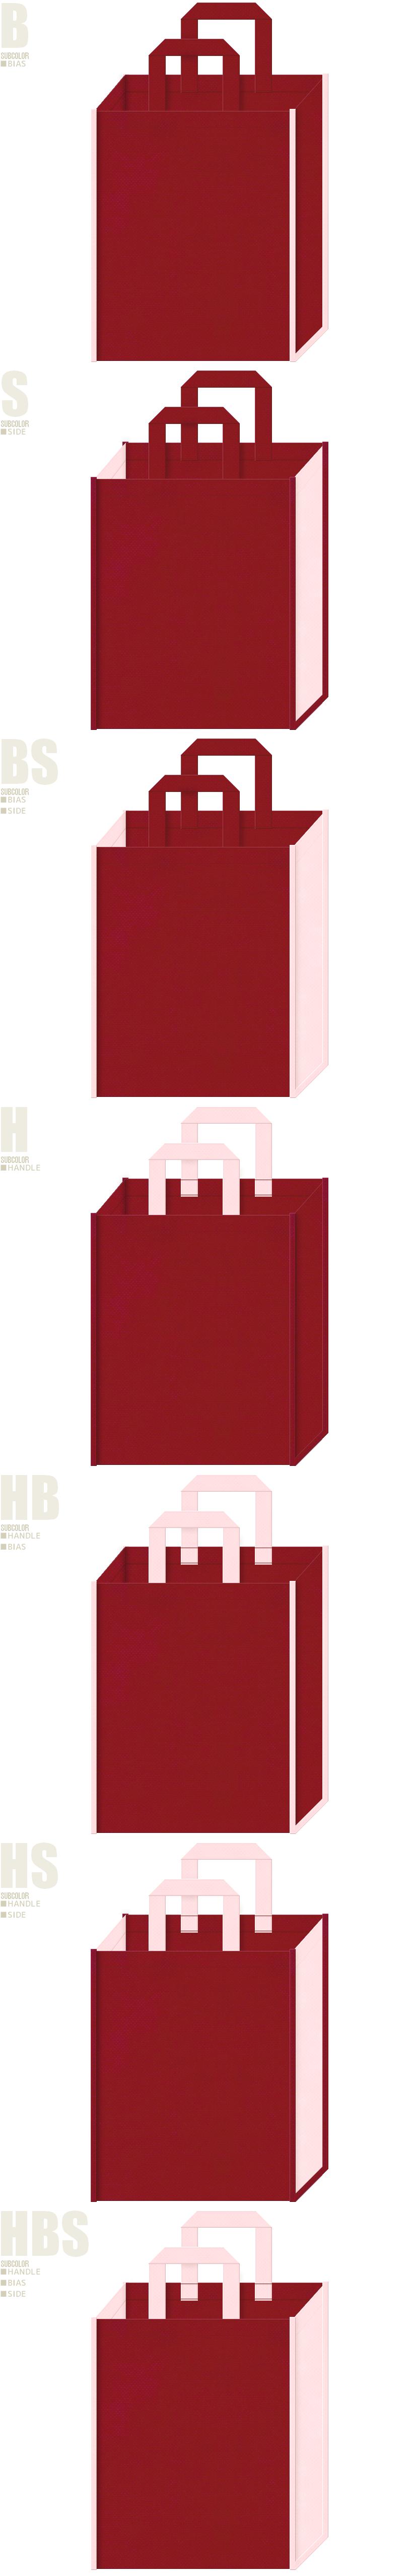 着物・振袖・お正月・成人式・ひな祭り・学校・写真館・和風催事にお奨めの不織布バッグデザイン:エンジ色と桜色の配色7パターン